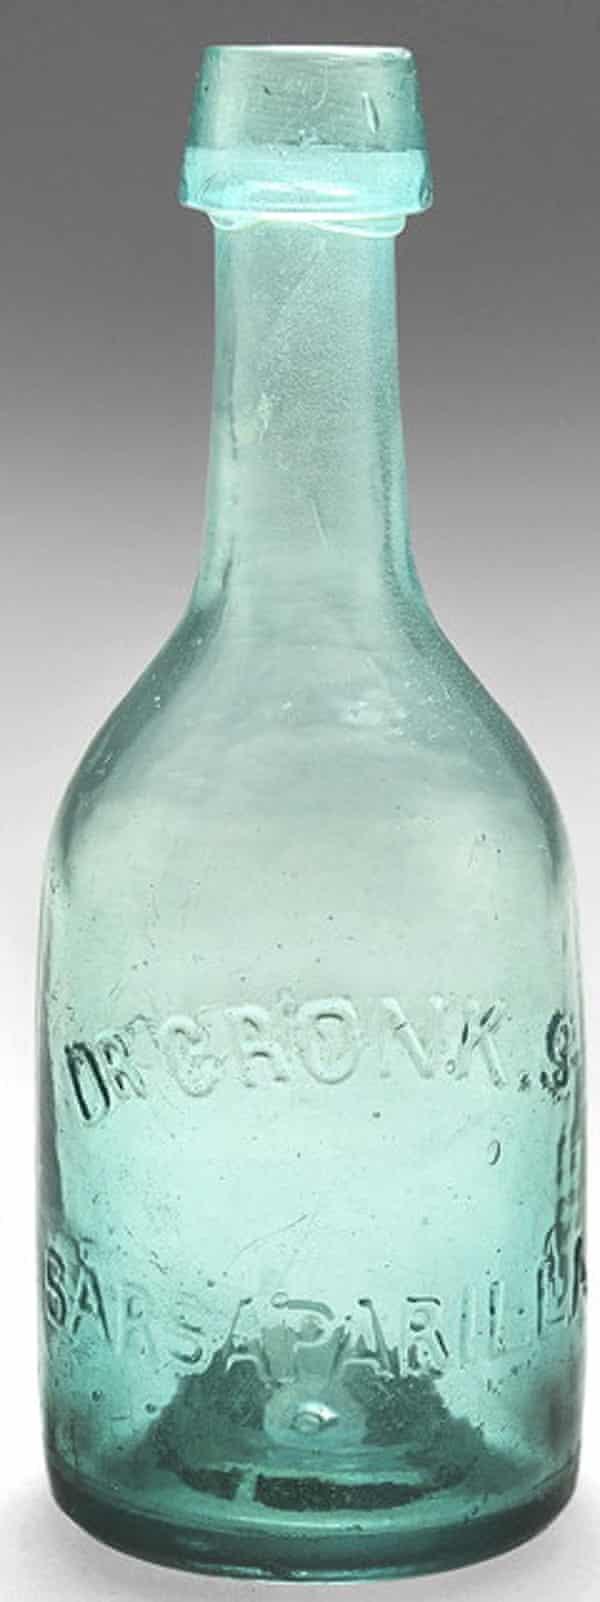 A Cronk bottle.